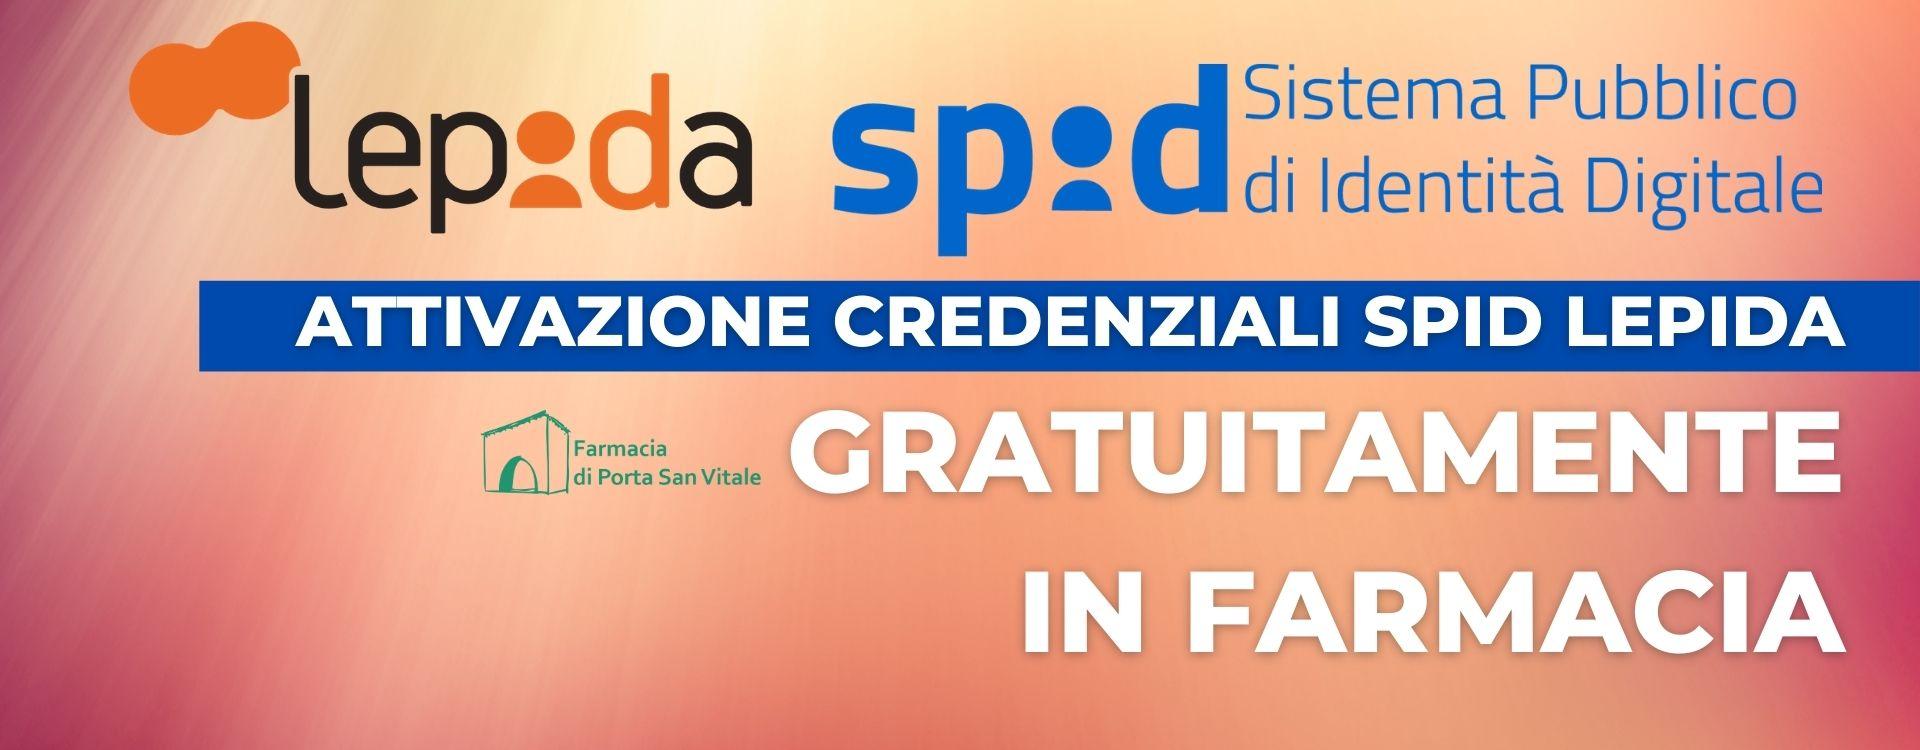 Attivazione credenziali SPID